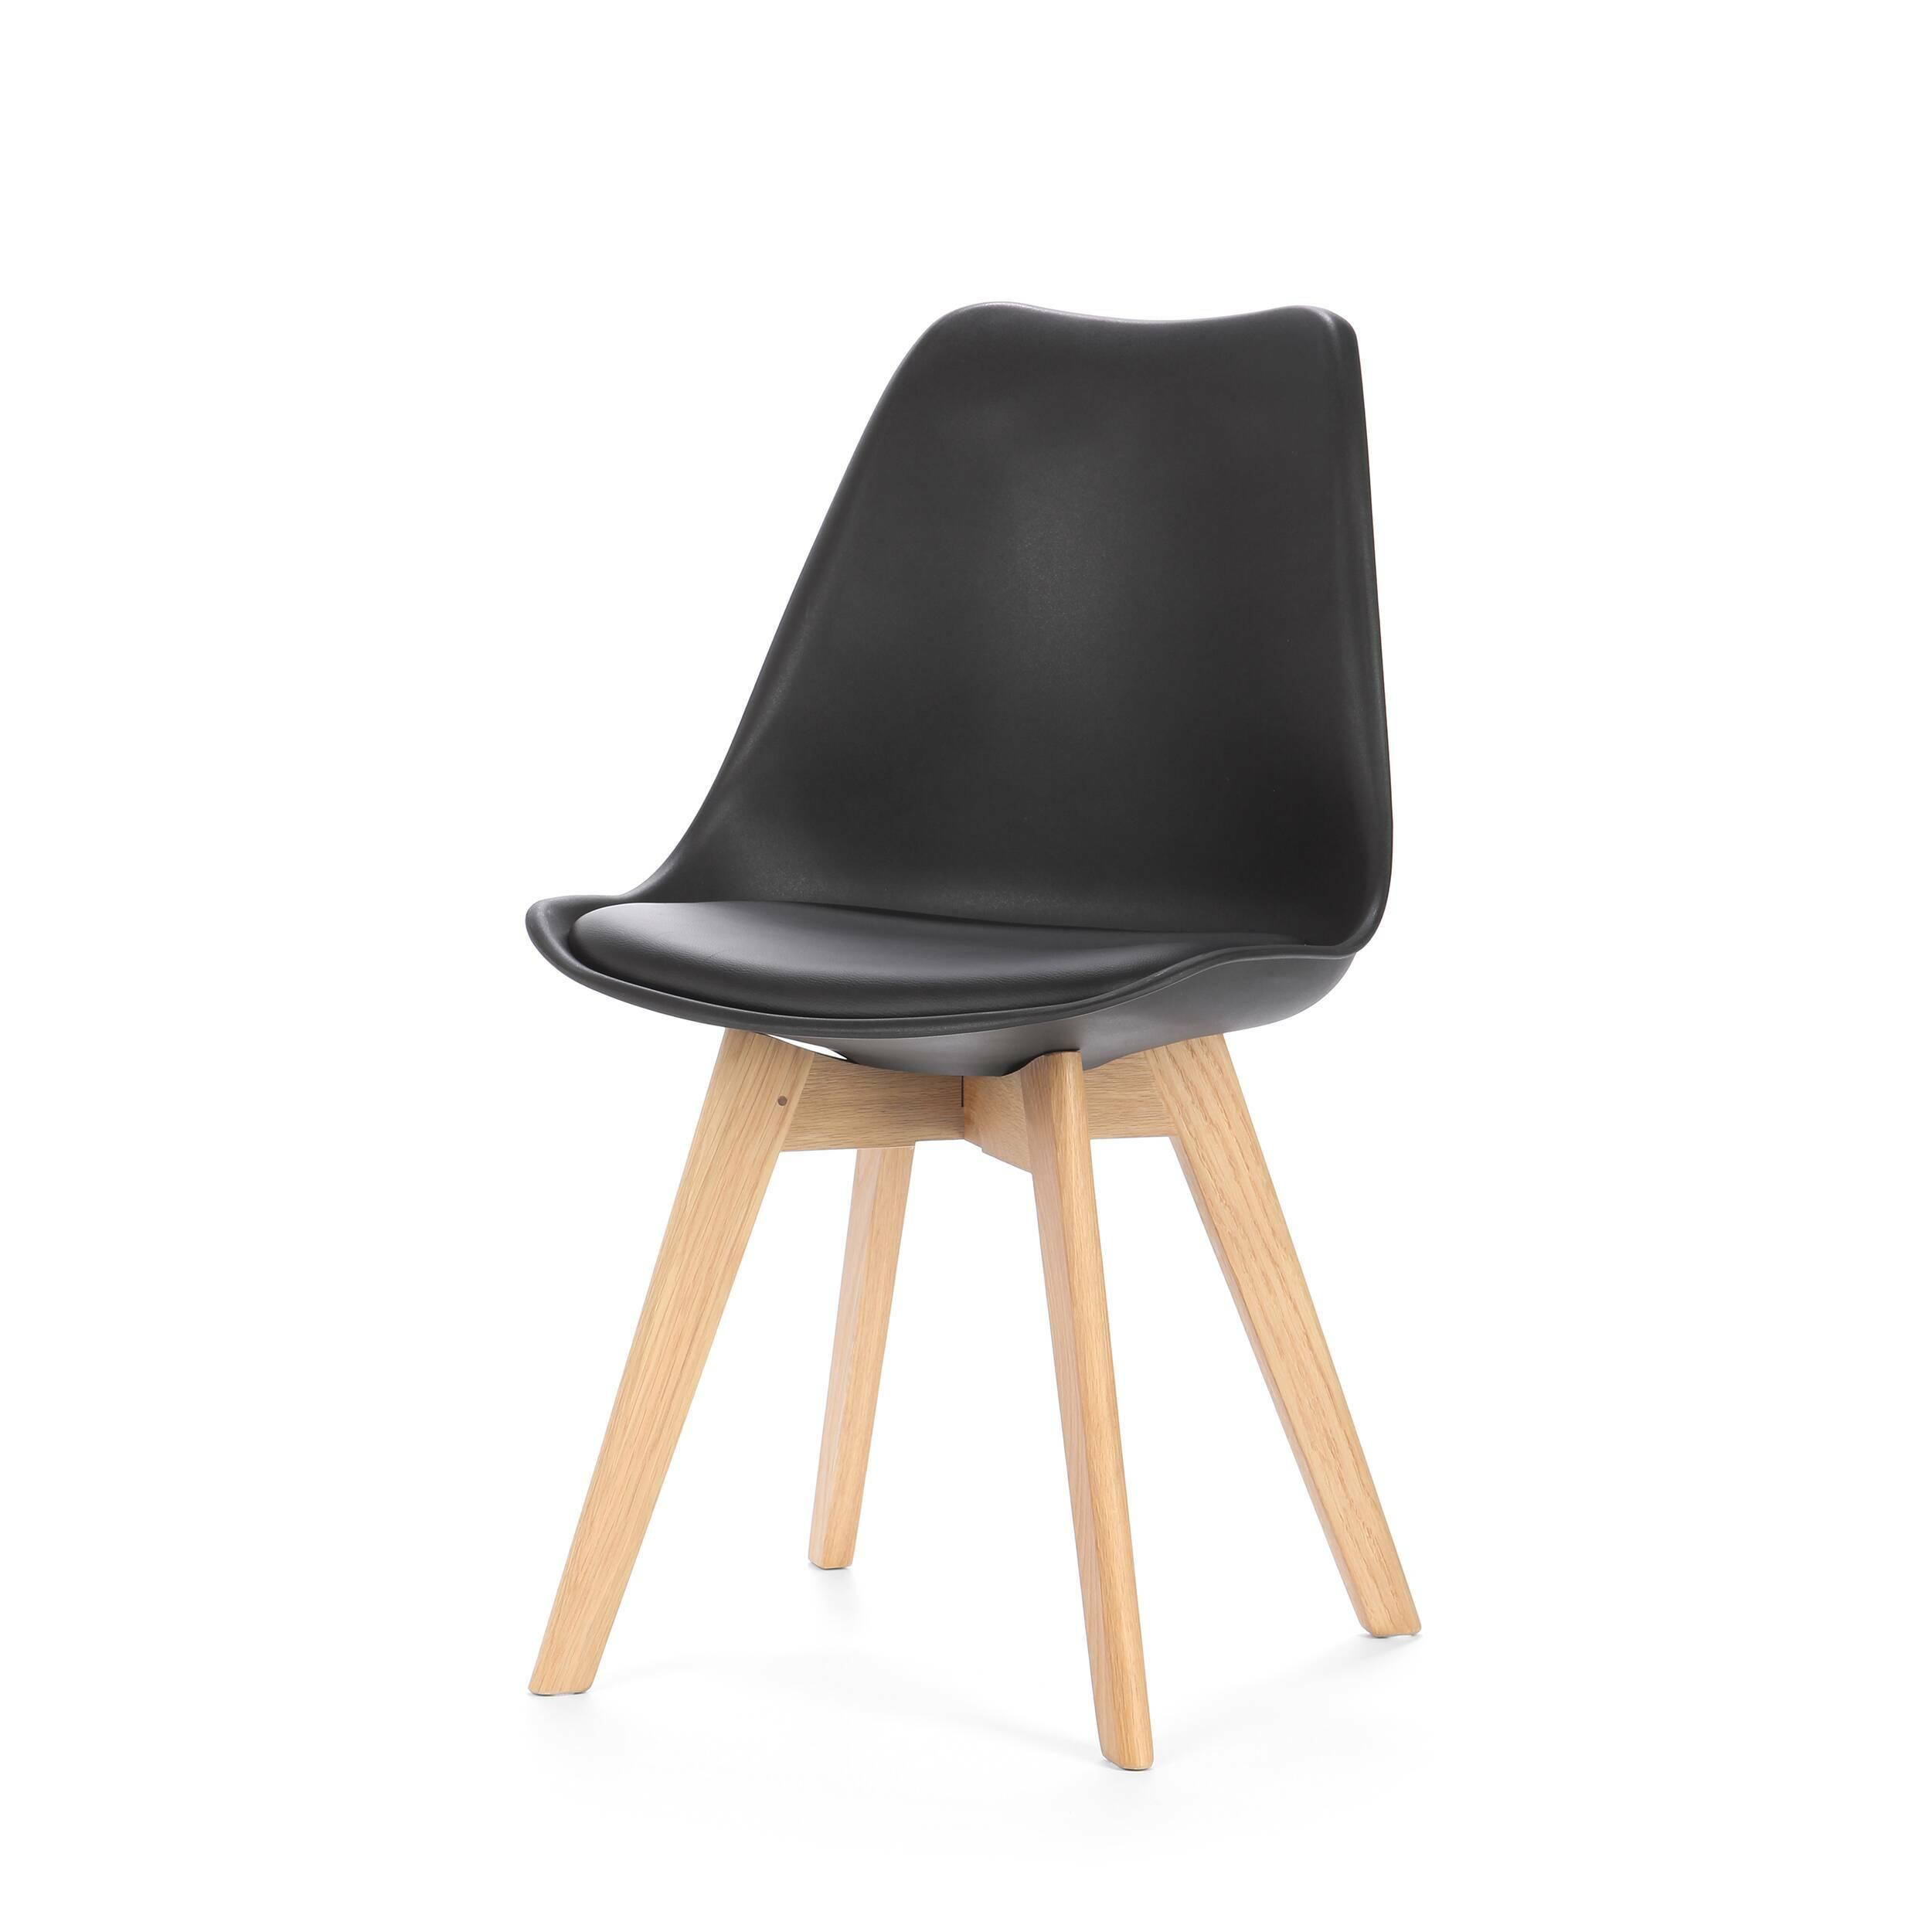 Стул SephiИнтерьерные<br>Дизайнерский креативный легкий однотонный стул Sephi (Сефи) из полиуретана на деревянных ножках от Cosmo (Космо).<br>Универсальный благодаря способности сочетаться с разными по стилю интерьерами, дизайн стула Sephi, возможно, как раз то, что вы искали. Даже если спустя время вы решили затеять ремонт, будьте уверены: и для него стул Sephi подойдет прекрасно! Экспериментируя с цветами стен, напольного покрытия или аксессуаров, создавая собственные дизайн-проекты, непременно включите в них и этот ...<br><br>stock: 219<br>Высота: 84<br>Ширина: 48.5<br>Глубина: 54.5<br>Цвет ножек: Белый дуб<br>Материал ножек: Массив дуба<br>Тип материала каркаса: Пластик<br>Материал сидения: Полиуретан<br>Цвет сидения: Черный<br>Тип материала сидения: Кожа искусственная<br>Тип материала ножек: Дерево<br>Цвет каркаса: Черный